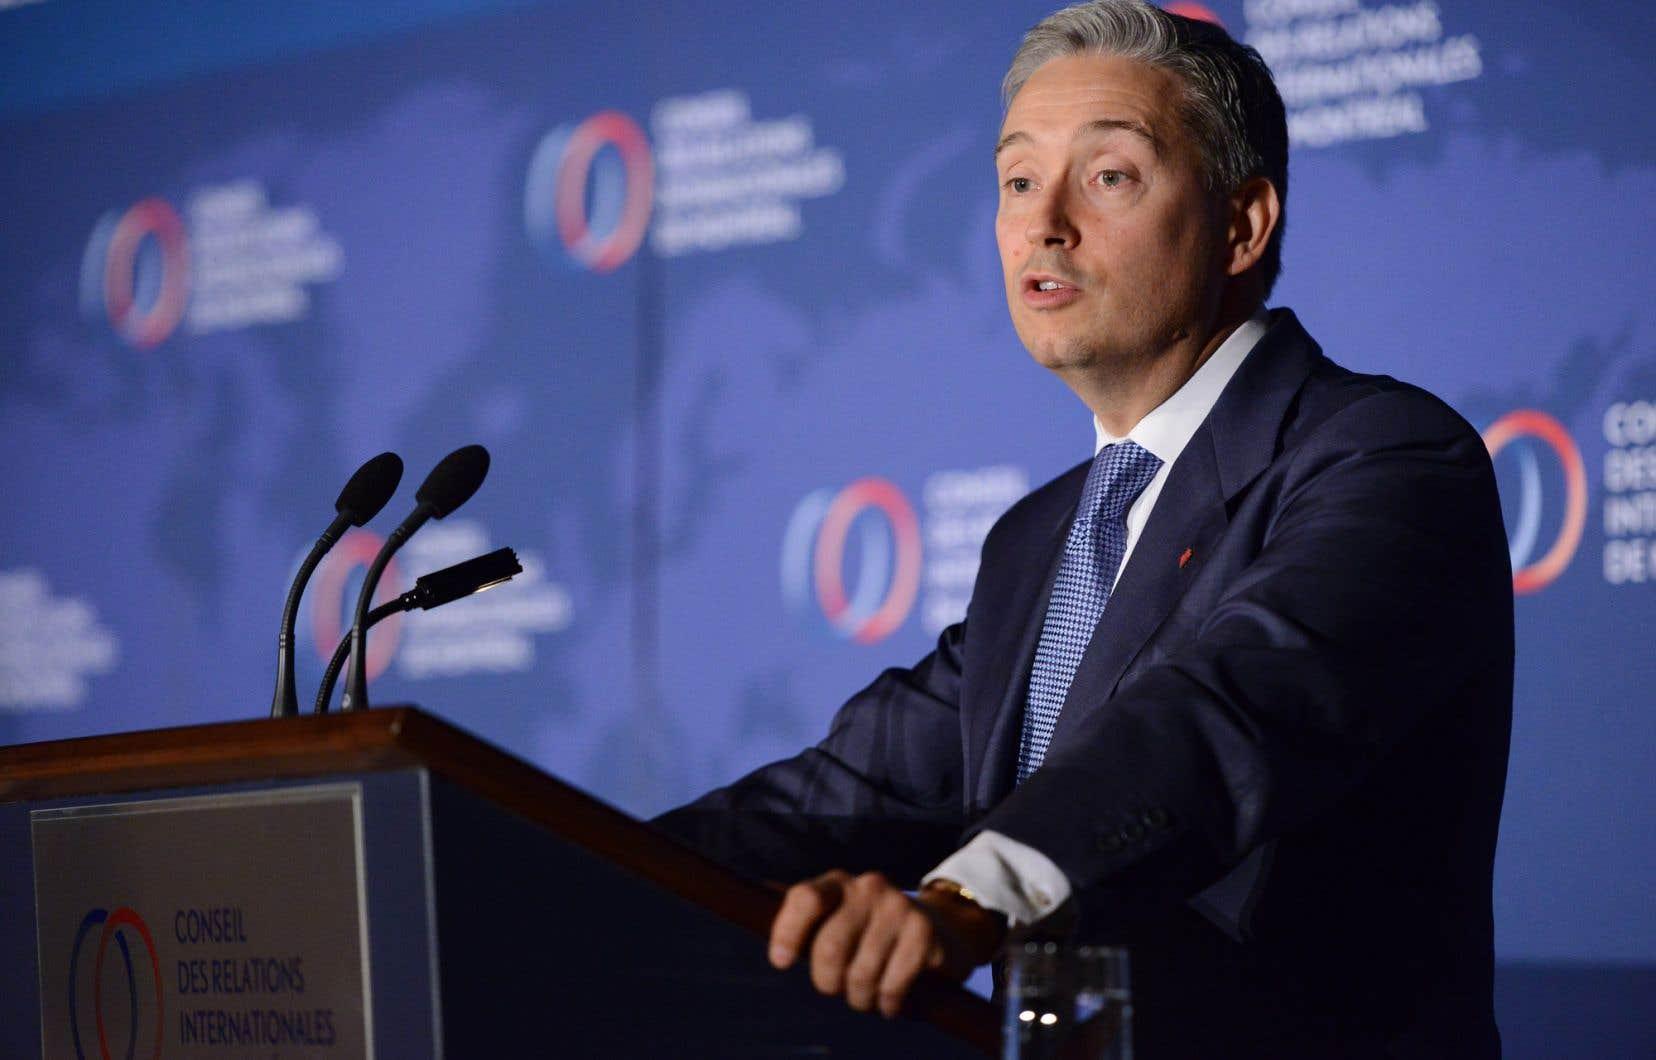 Le ministre canadien du Commerce international, François-Philippe Champagne, souligne l'importance de rappeler les liens économiques étroits qui unissent le Canada aux États-Unis.